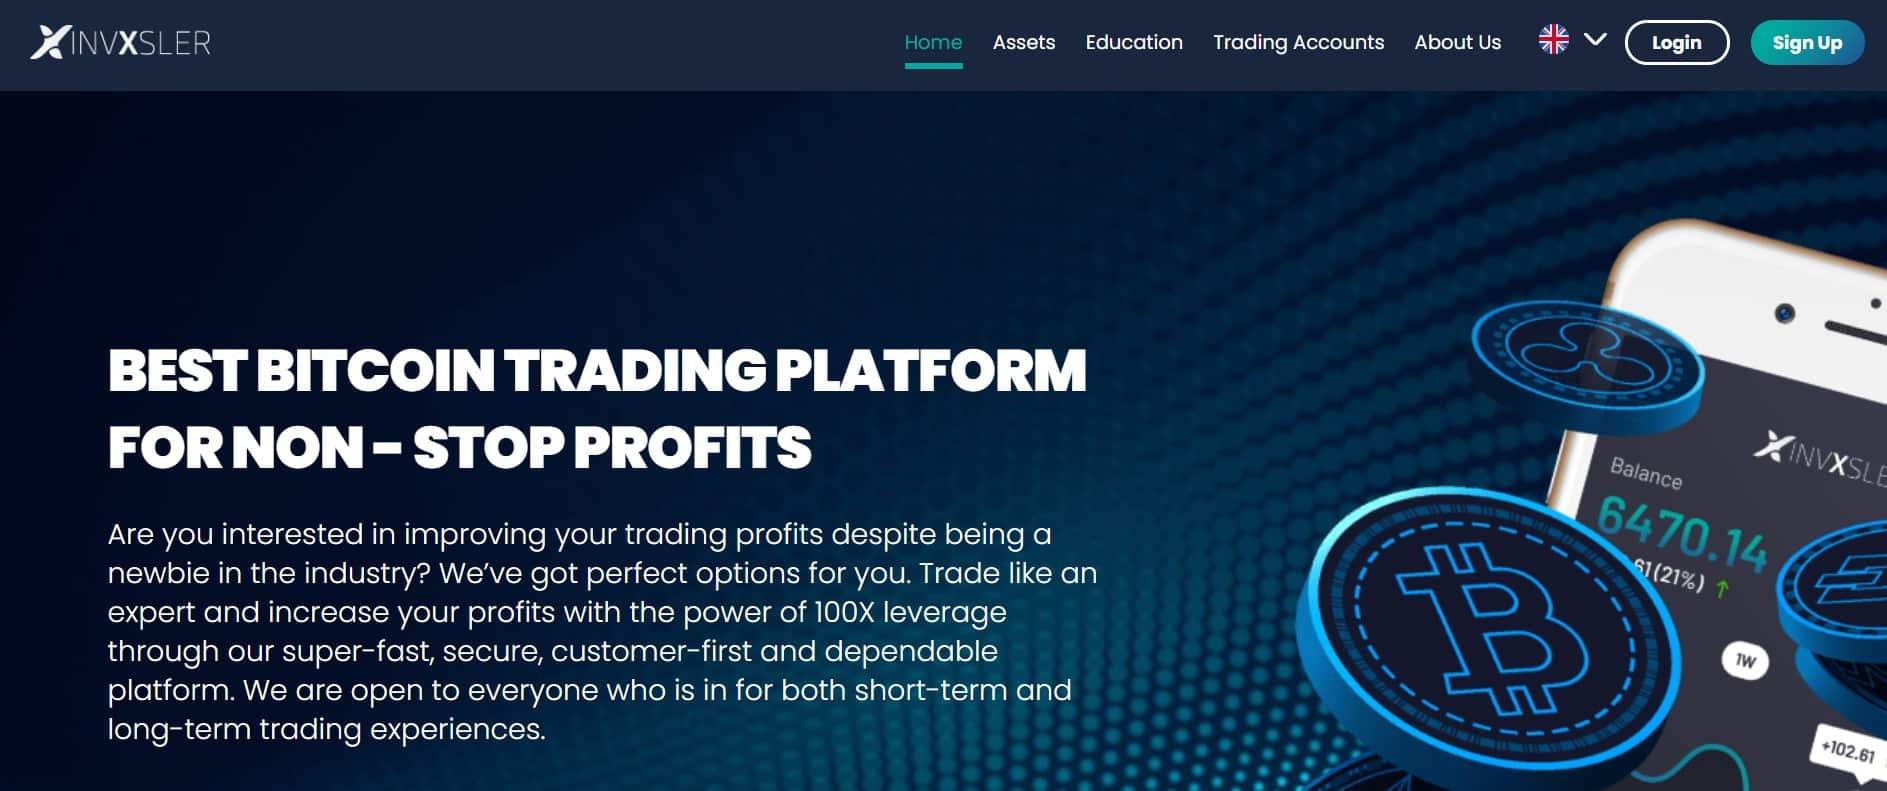 Invxsler website